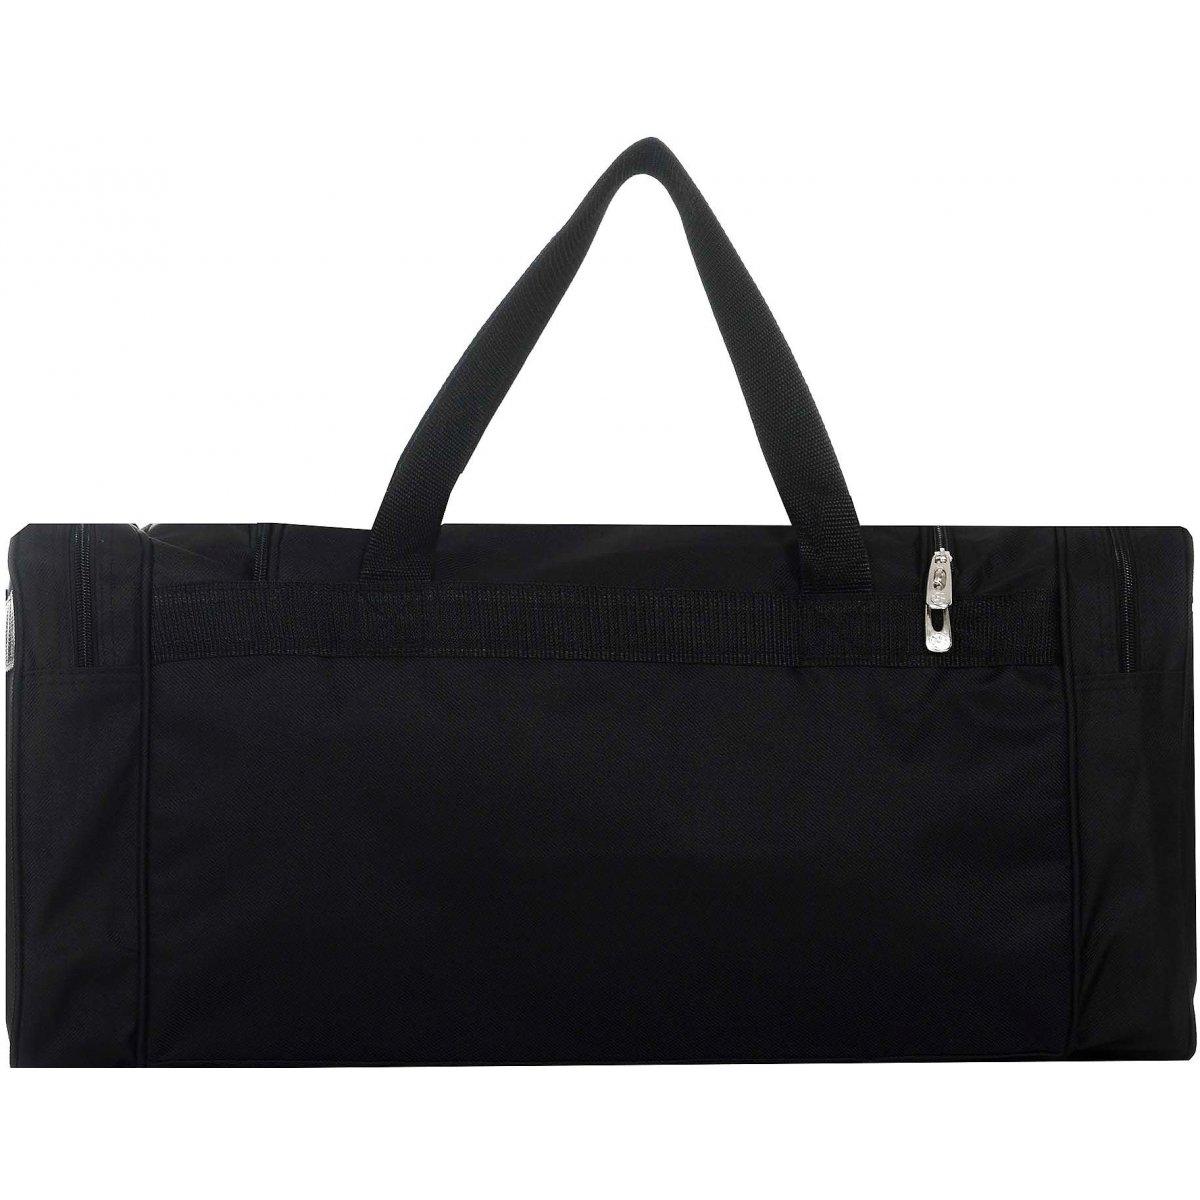 sac de voyage sport les sacs de krlot hkg0085 couleur principale noir. Black Bedroom Furniture Sets. Home Design Ideas